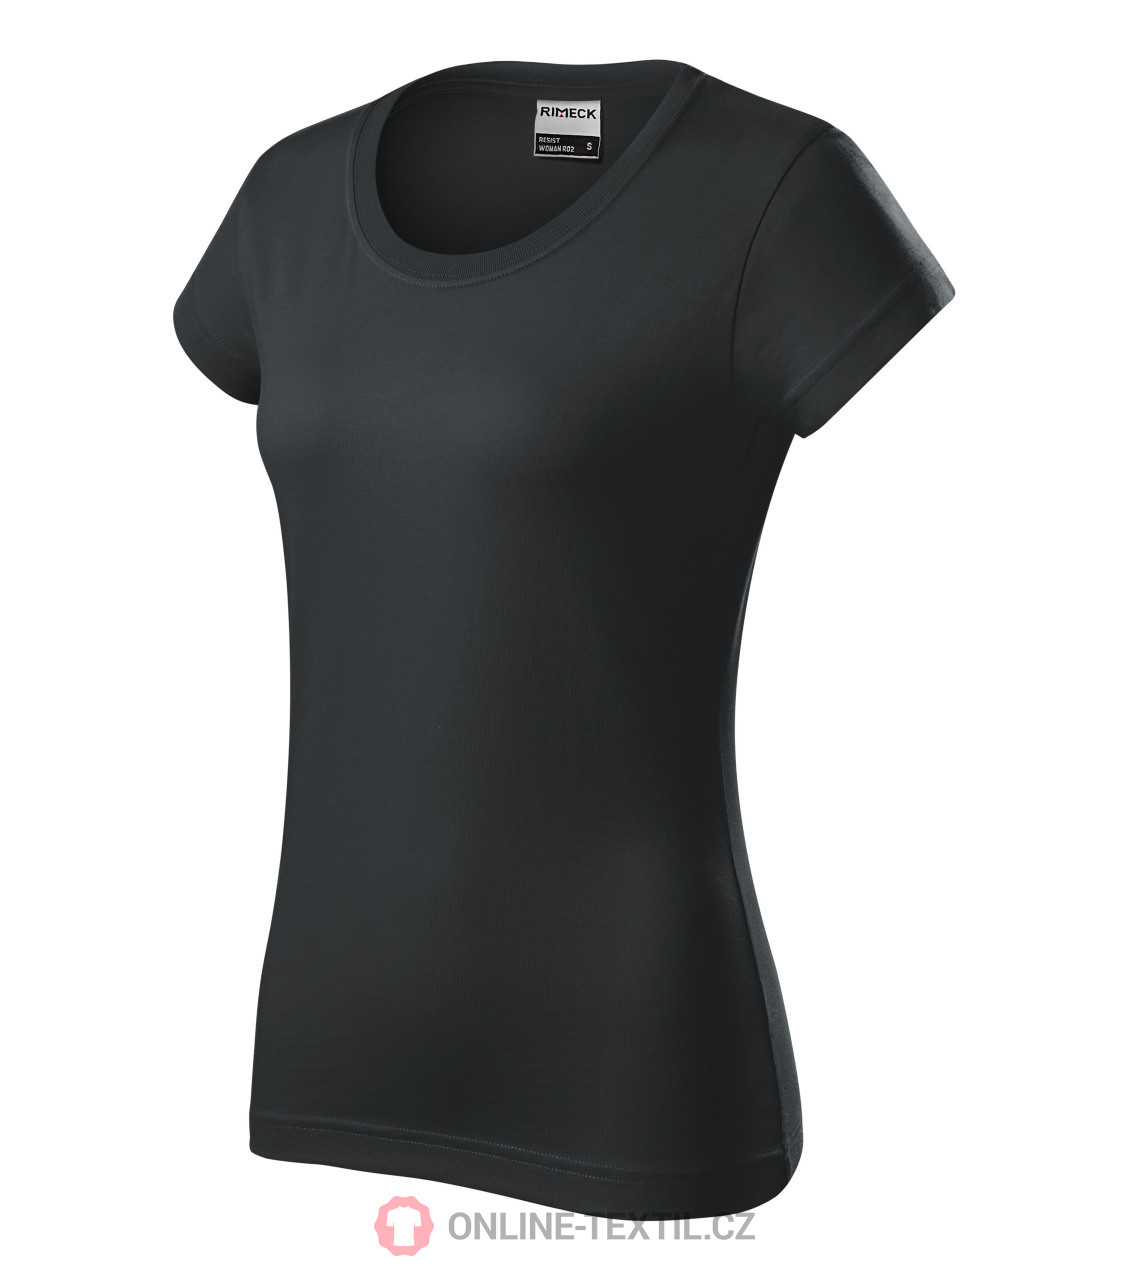 0e99746804b ADLER CZECH Rimeck Resist odolné pracovní tričko dámské R02 - ebony ...